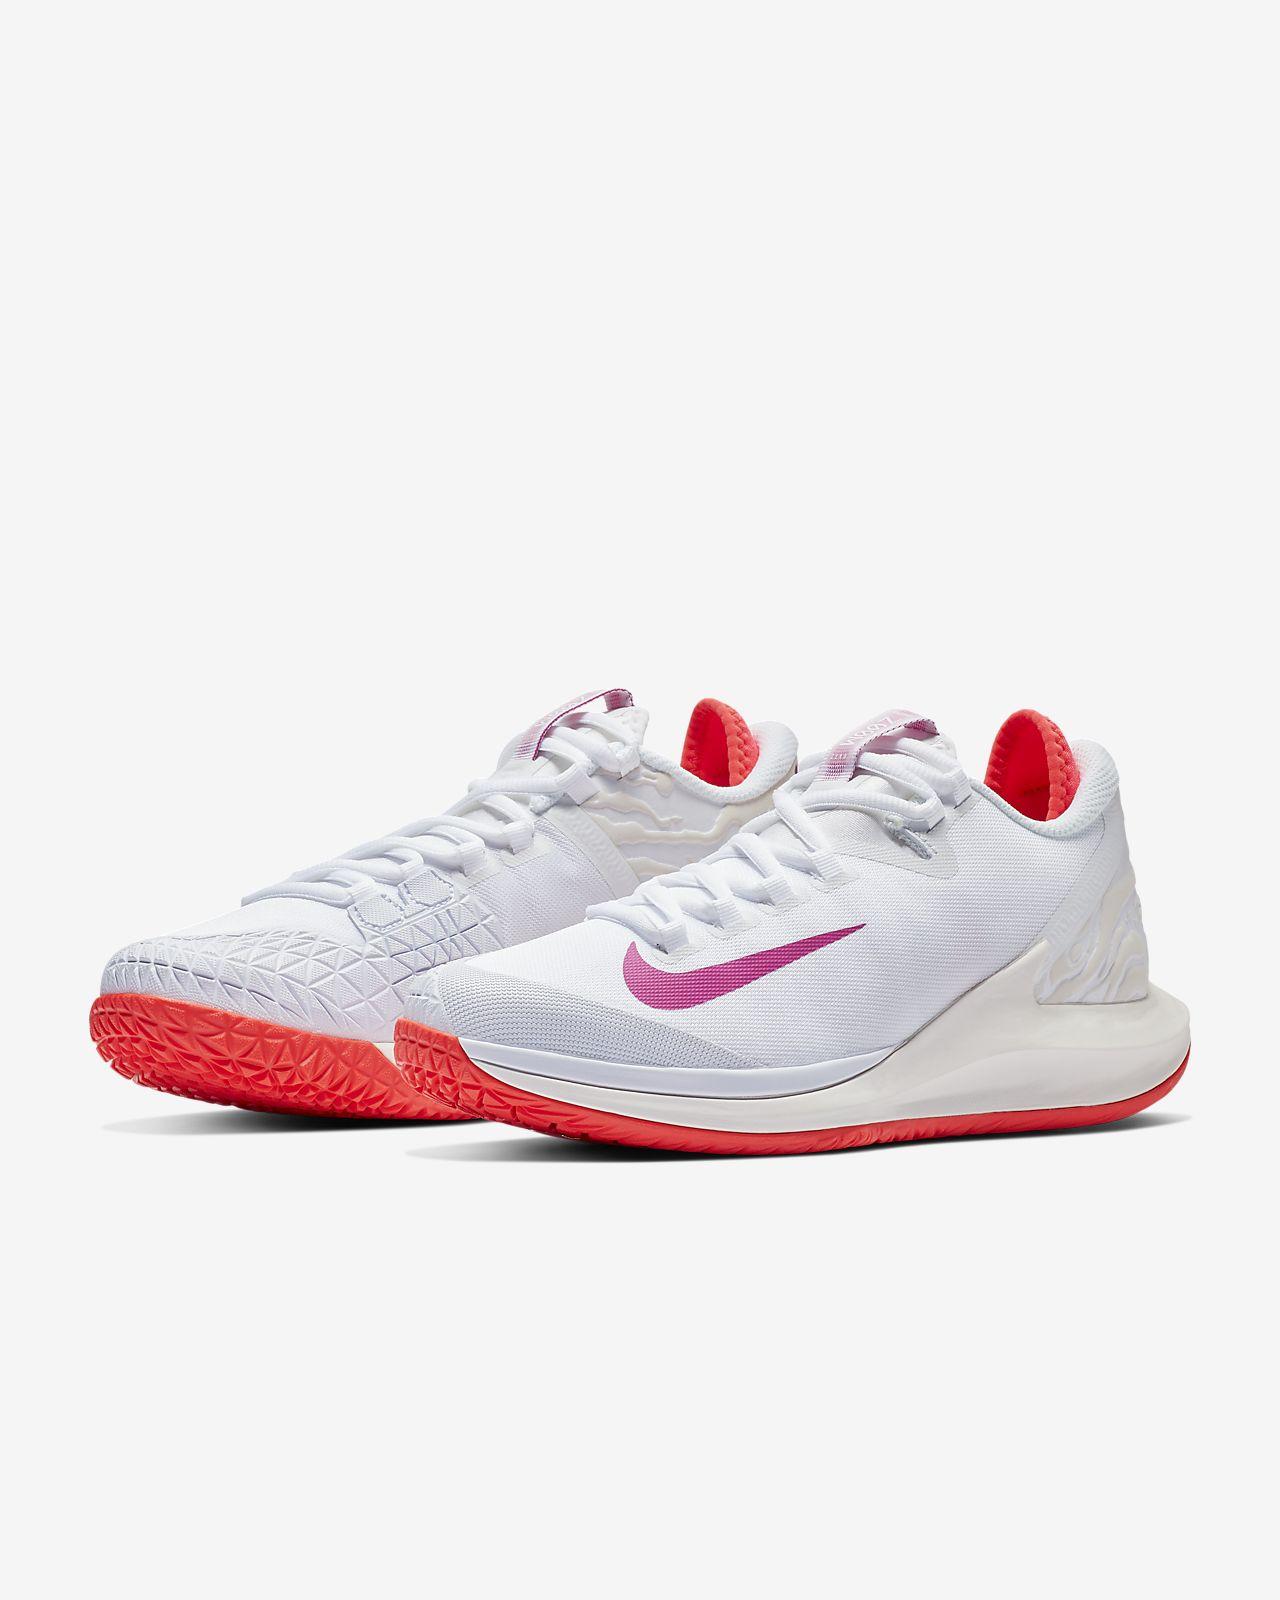 cheap for discount 8769c 4311d ... Chaussure de tennis NikeCourt Air Zoom Zero pour Femme